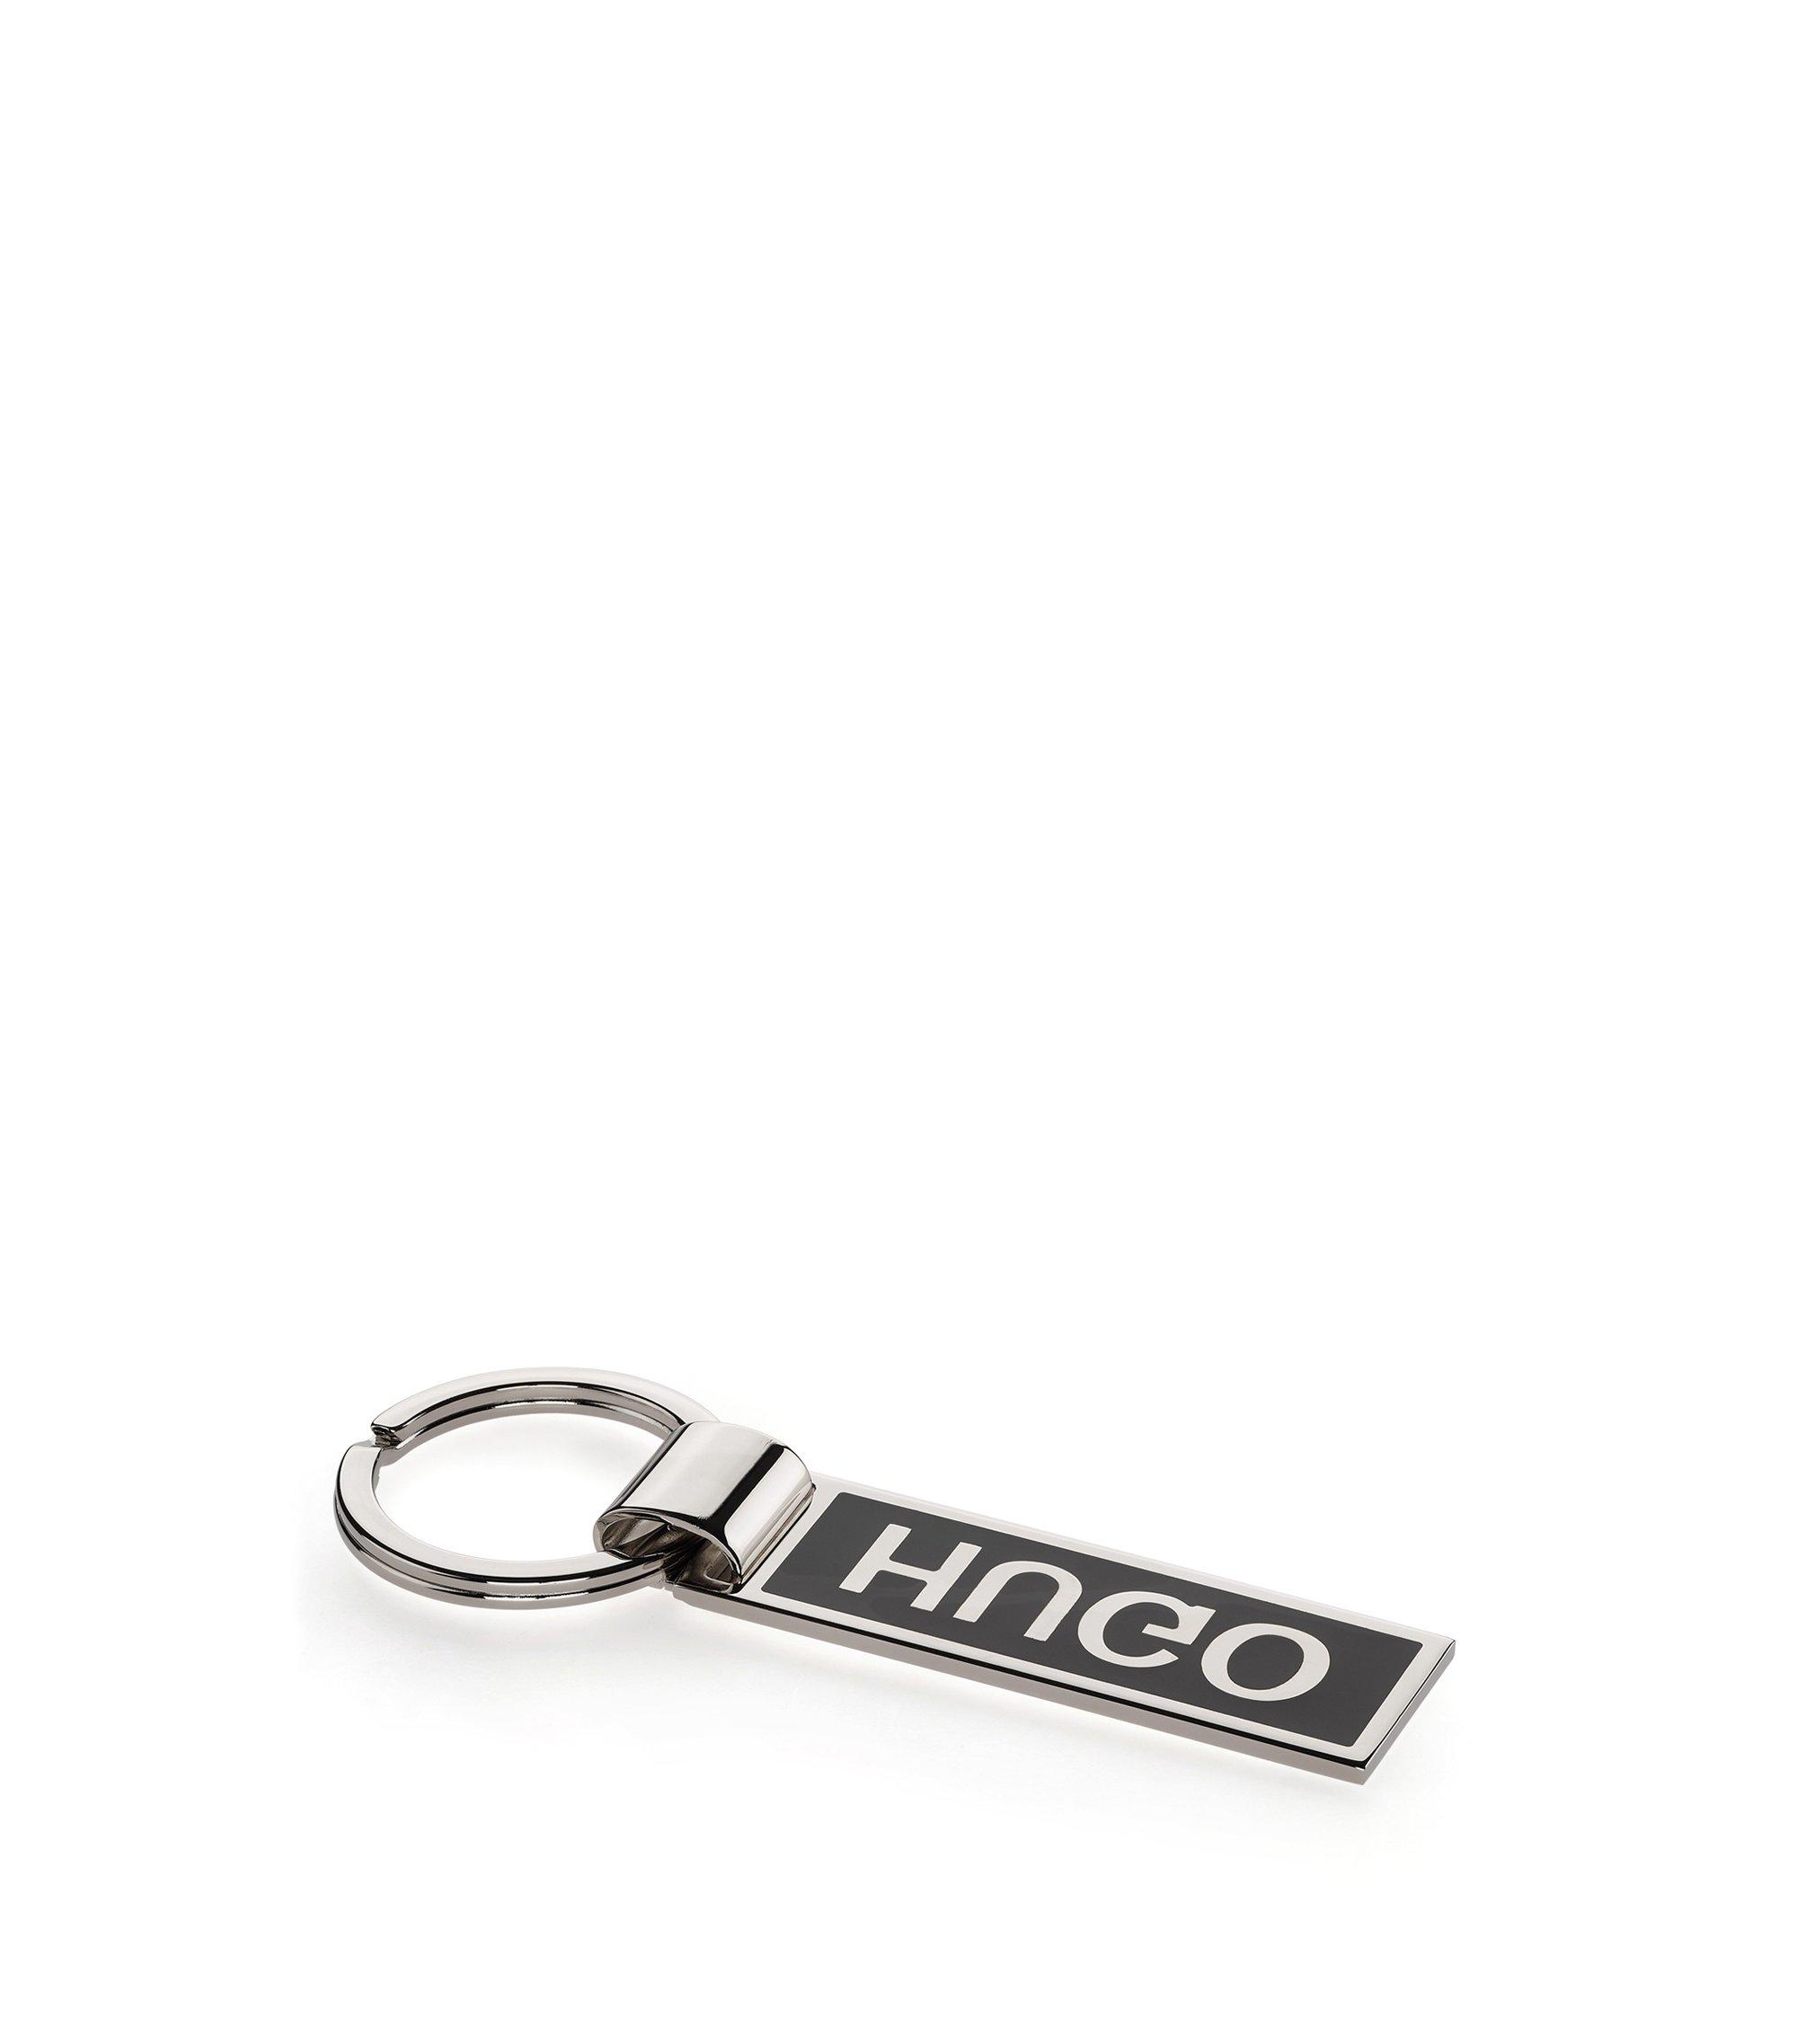 Schlüsselanhänger aus Stahl und Messing mit spiegelverkehrtem Logo, Silber